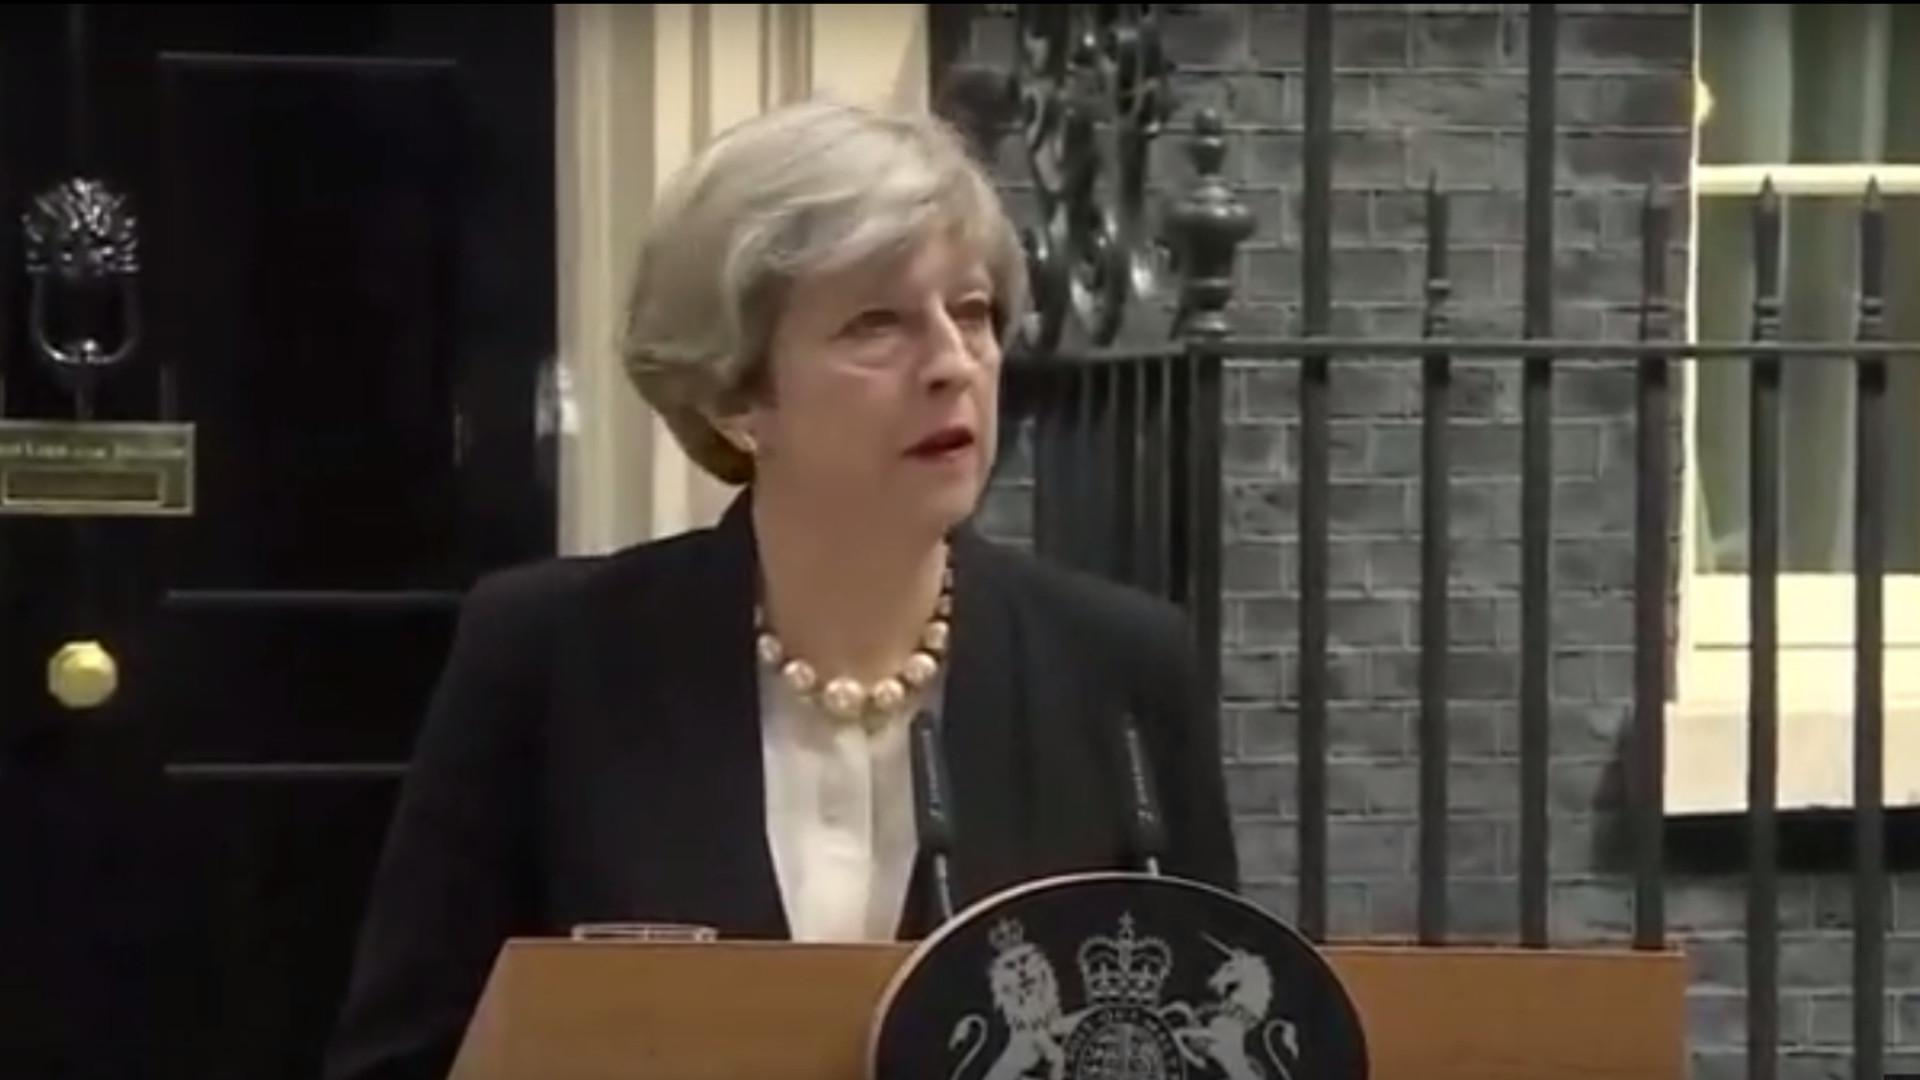 Anschlag in Manchester: Premierministerin May spricht von Terror